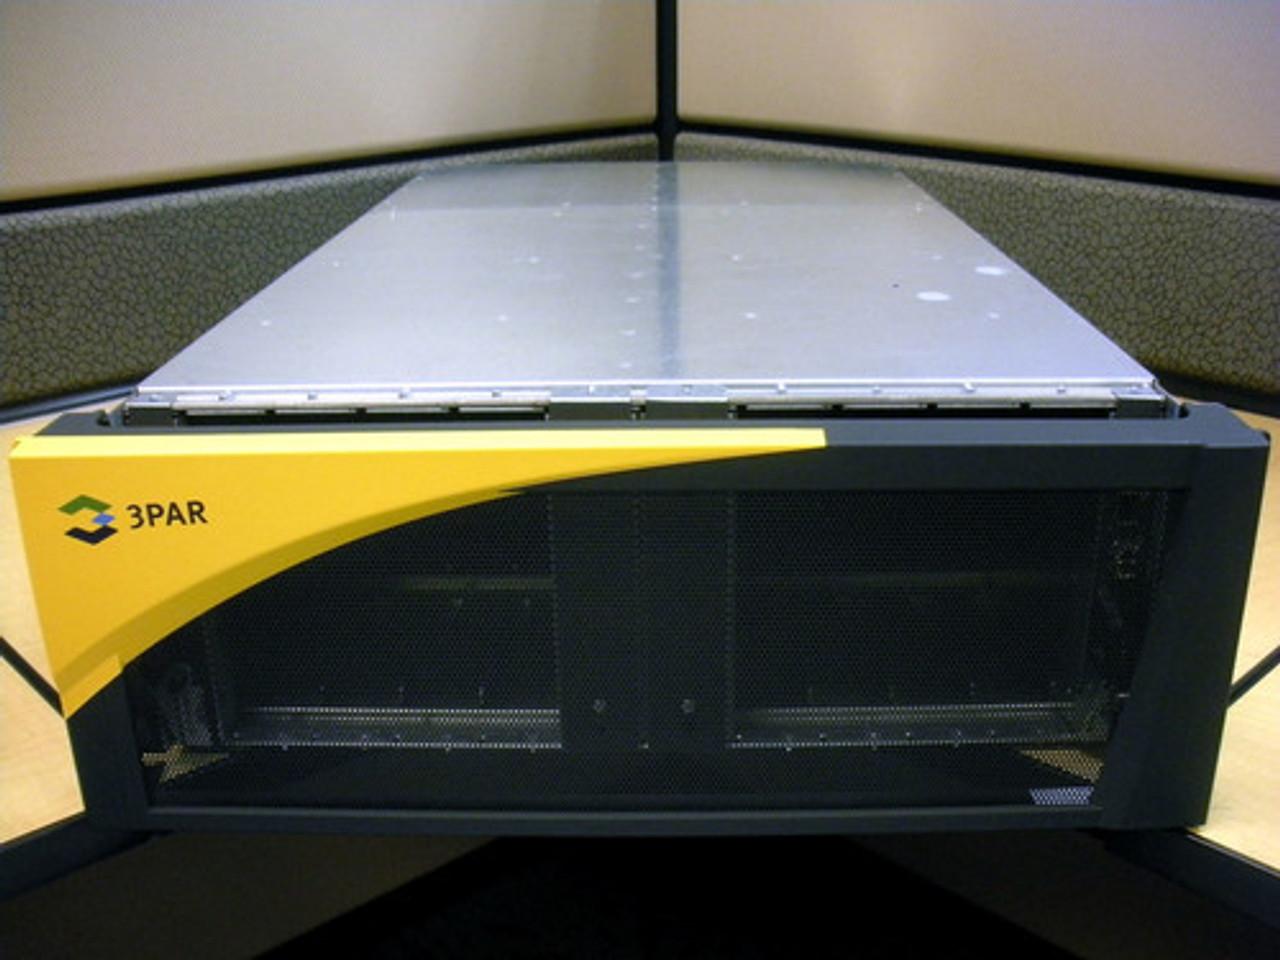 HP 3PAR Storage